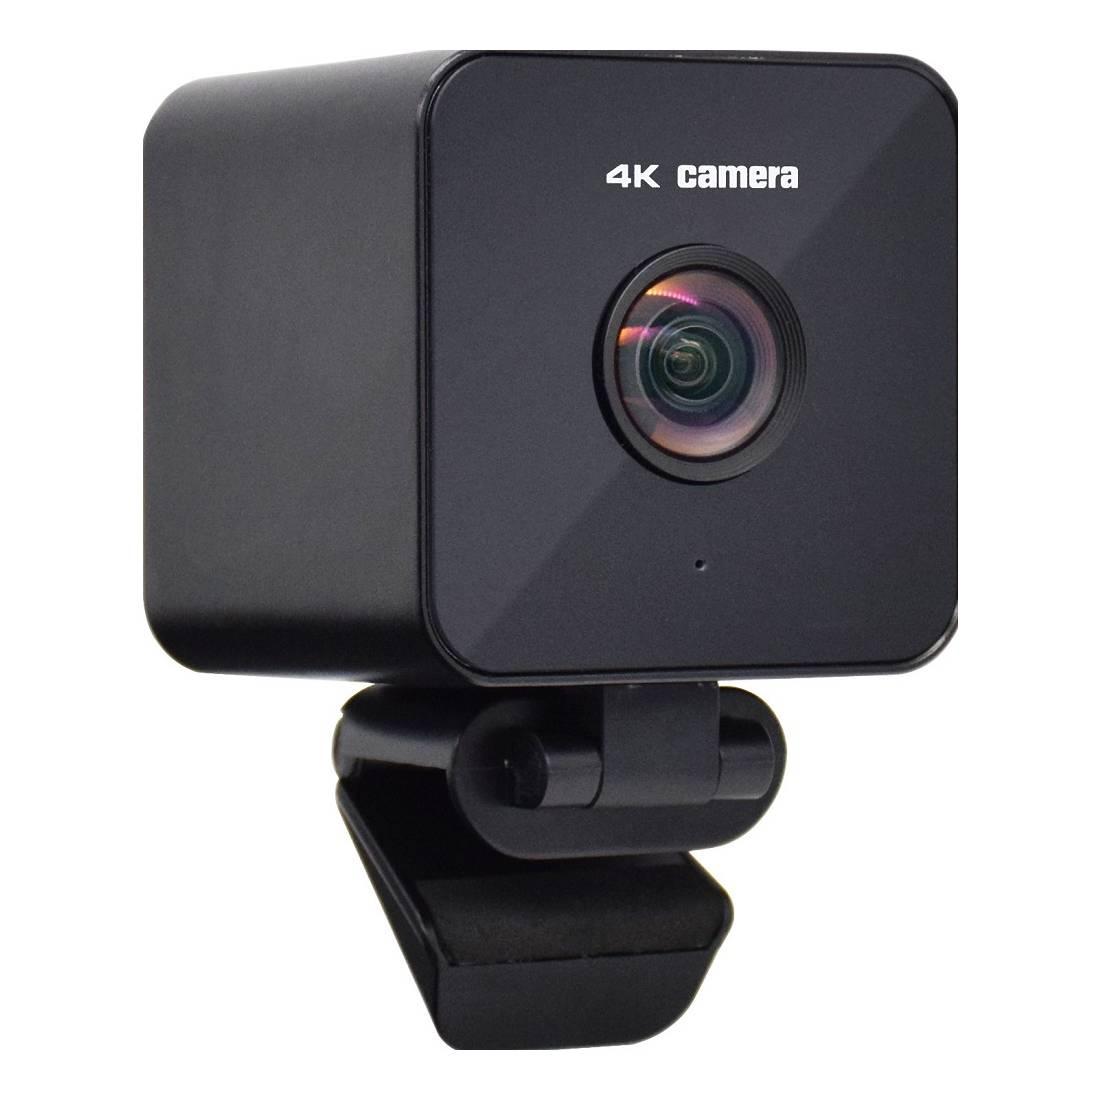 USB-Panoramakamera für Videokonferenzen